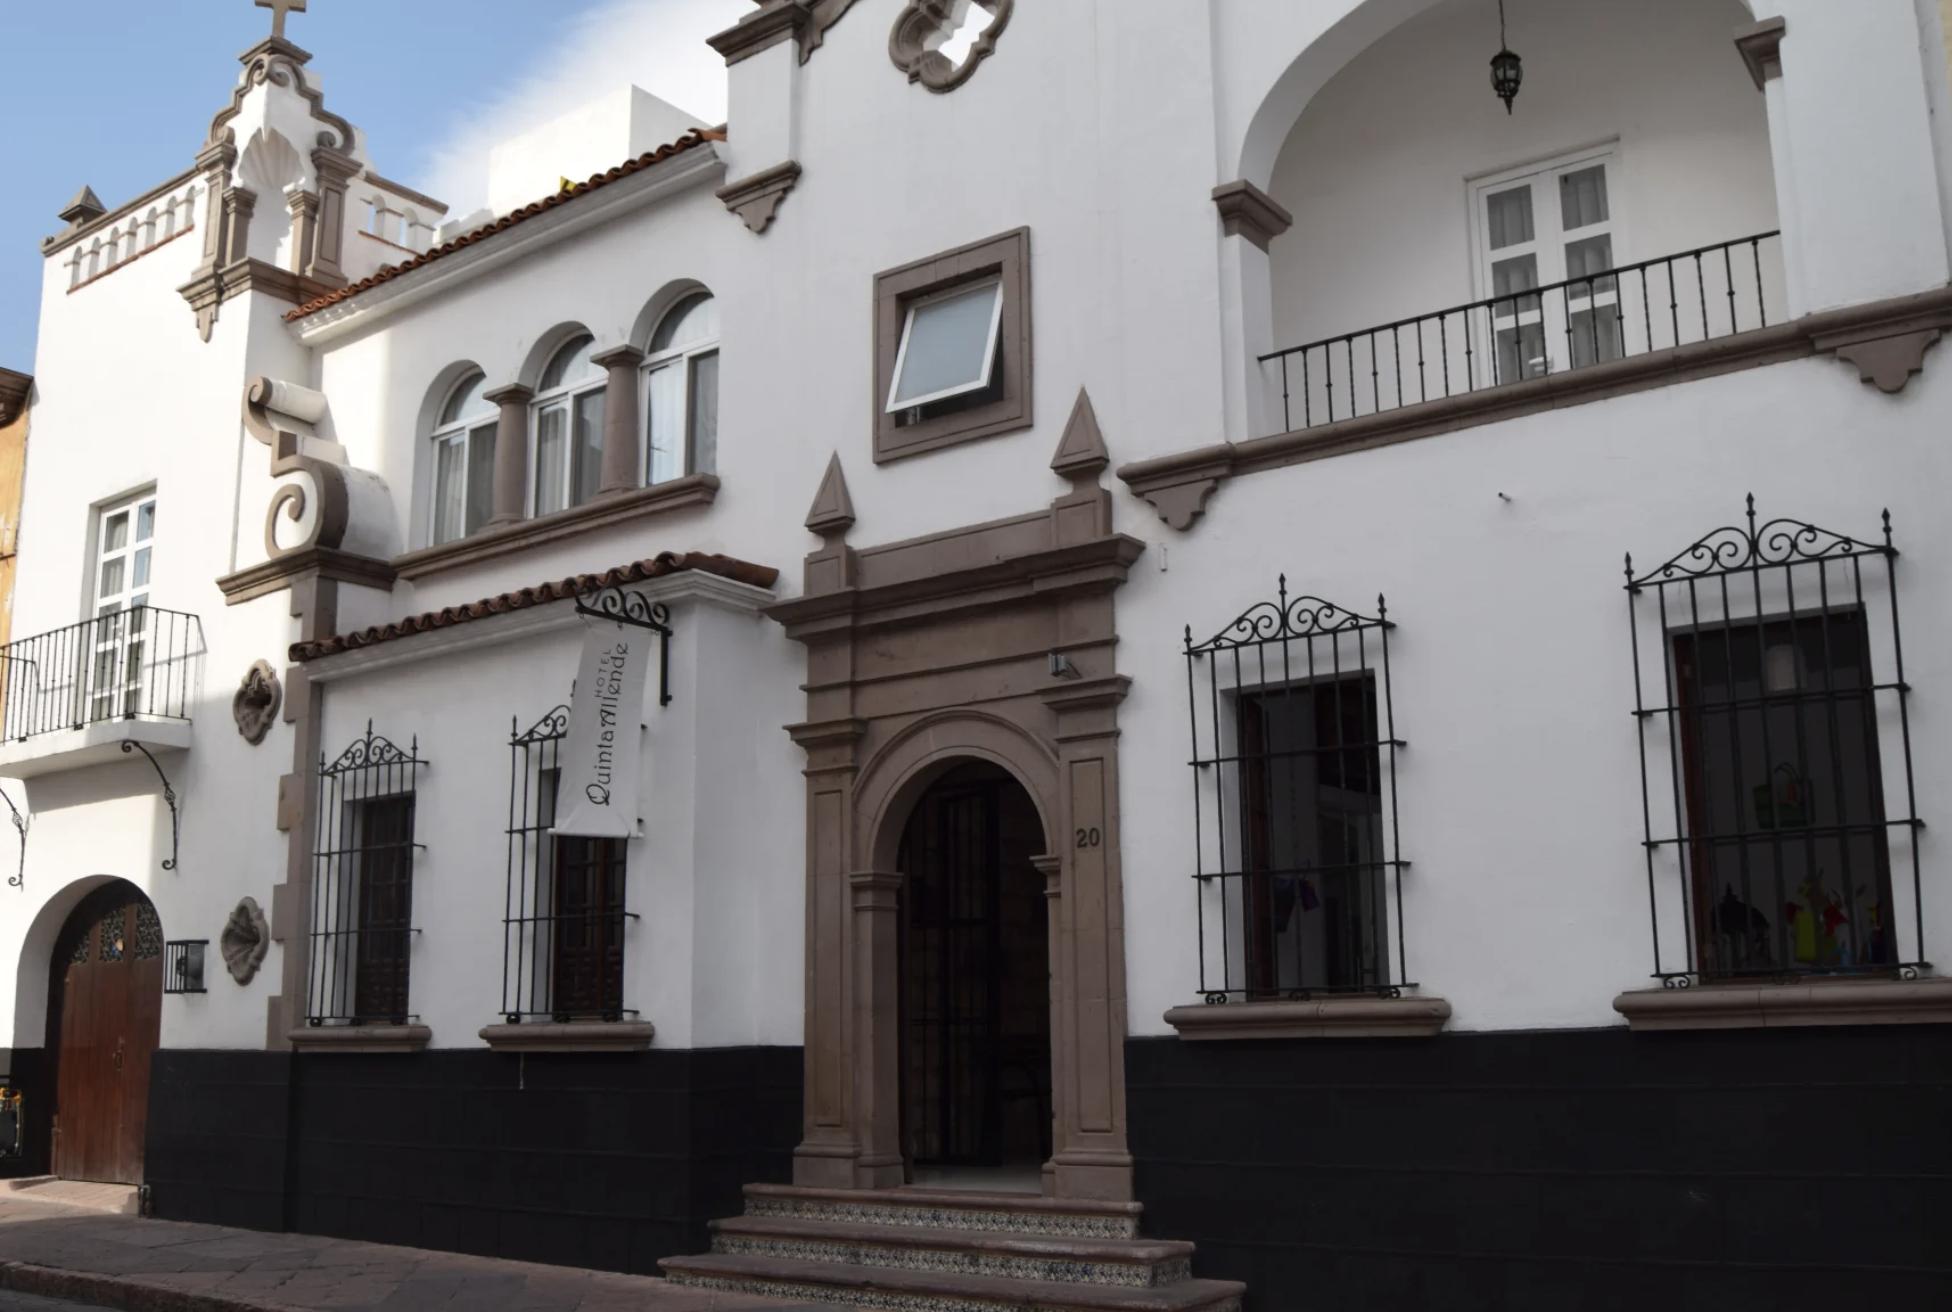 hotel Quinta Allende Querétaro - Day 16. March 3 visit one of the five Franciscan Mission of the Sierra Gorda. Then Misión de Santiago de Jalpan and Misión de Nuestra Señora de la Luz Tancoyol. O/N Querétaro.